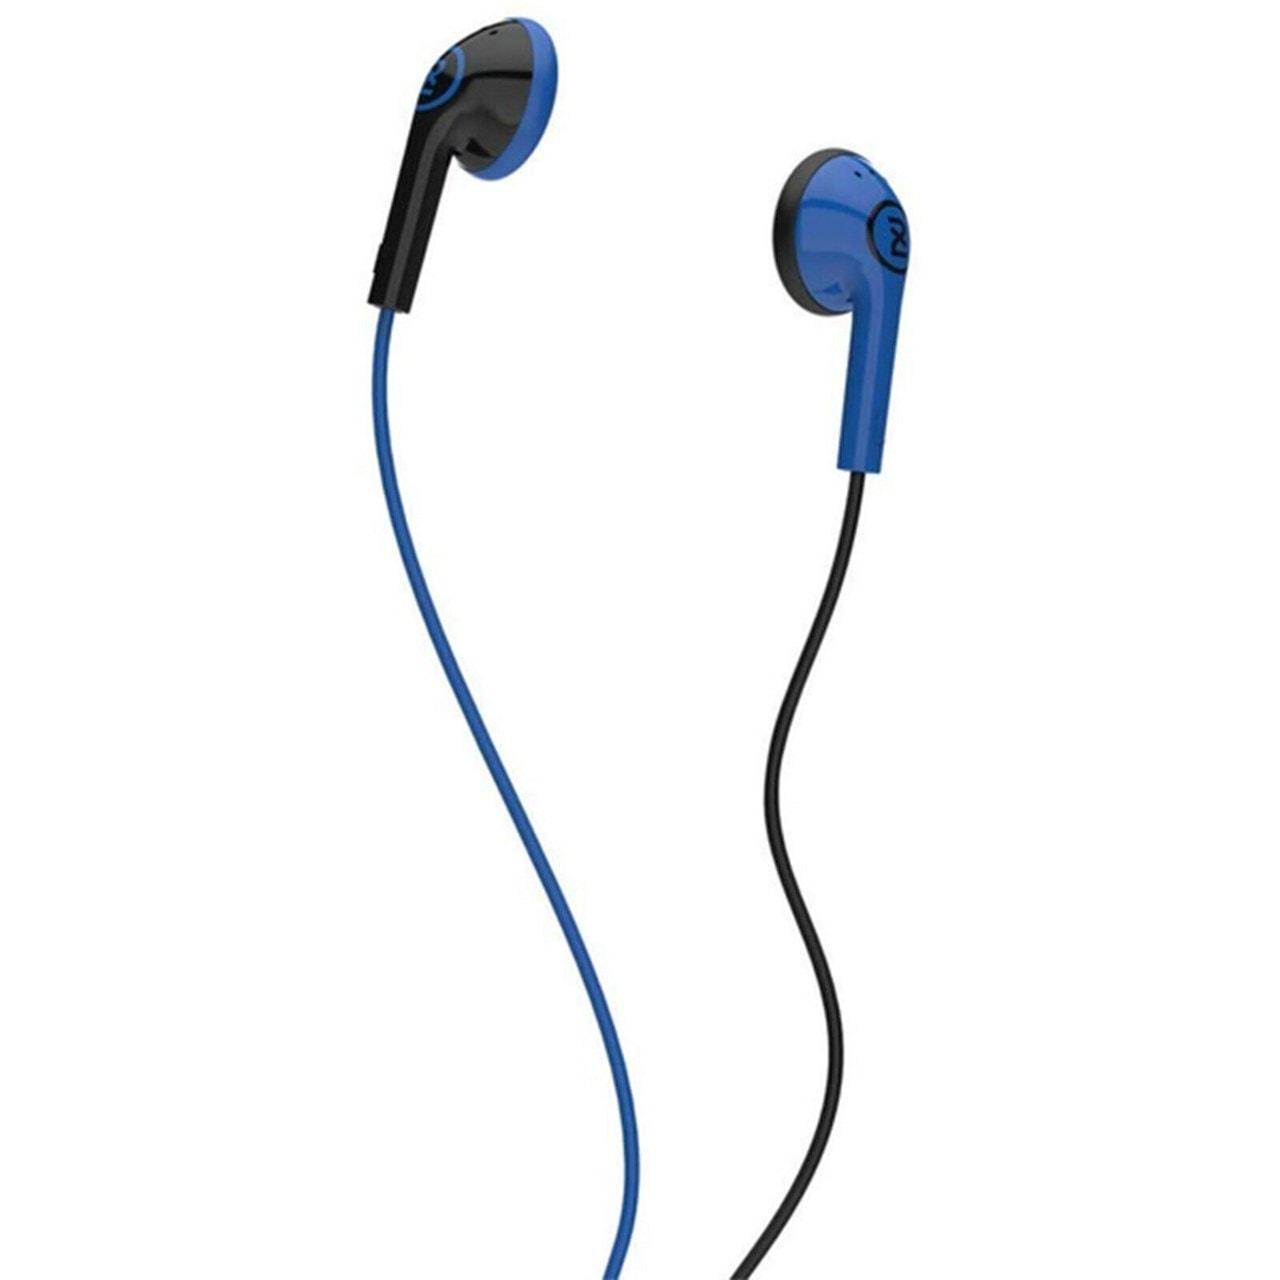 2XL Offset Blue Earphones - 1